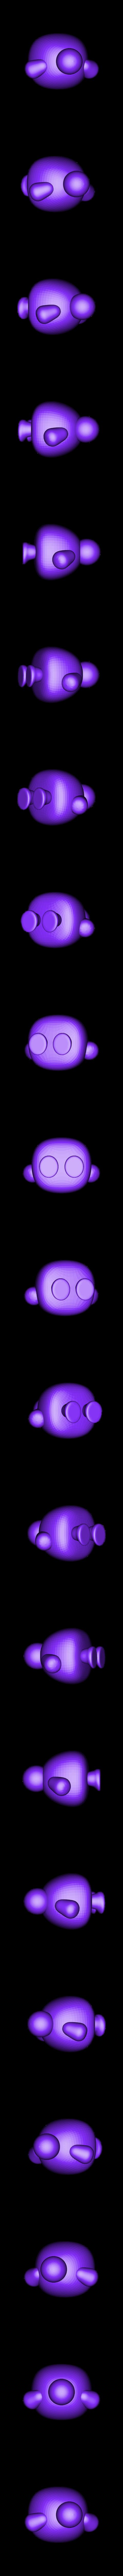 speaky-body.stl Télécharger fichier STL gratuit Marionnette poly articulée • Objet à imprimer en 3D, Poly